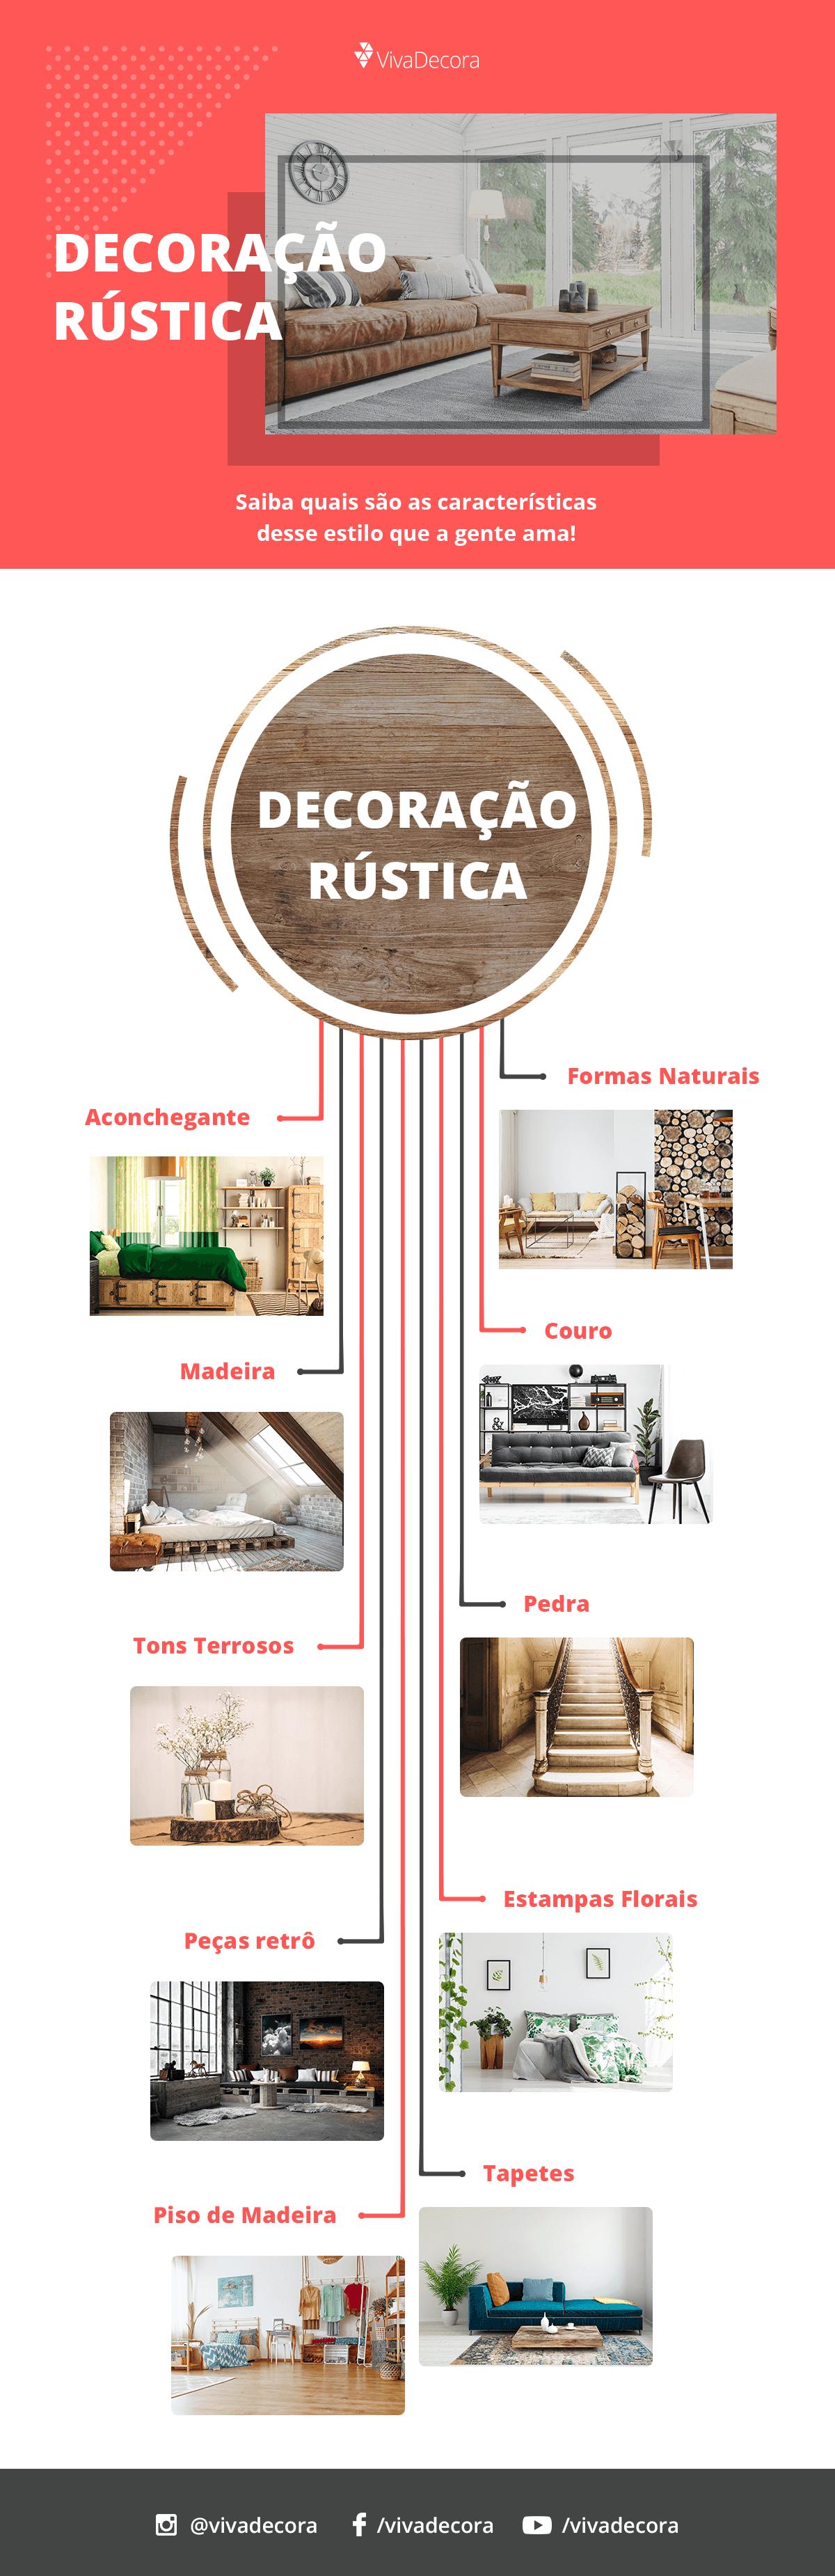 Infográfico - Decoração Rústica